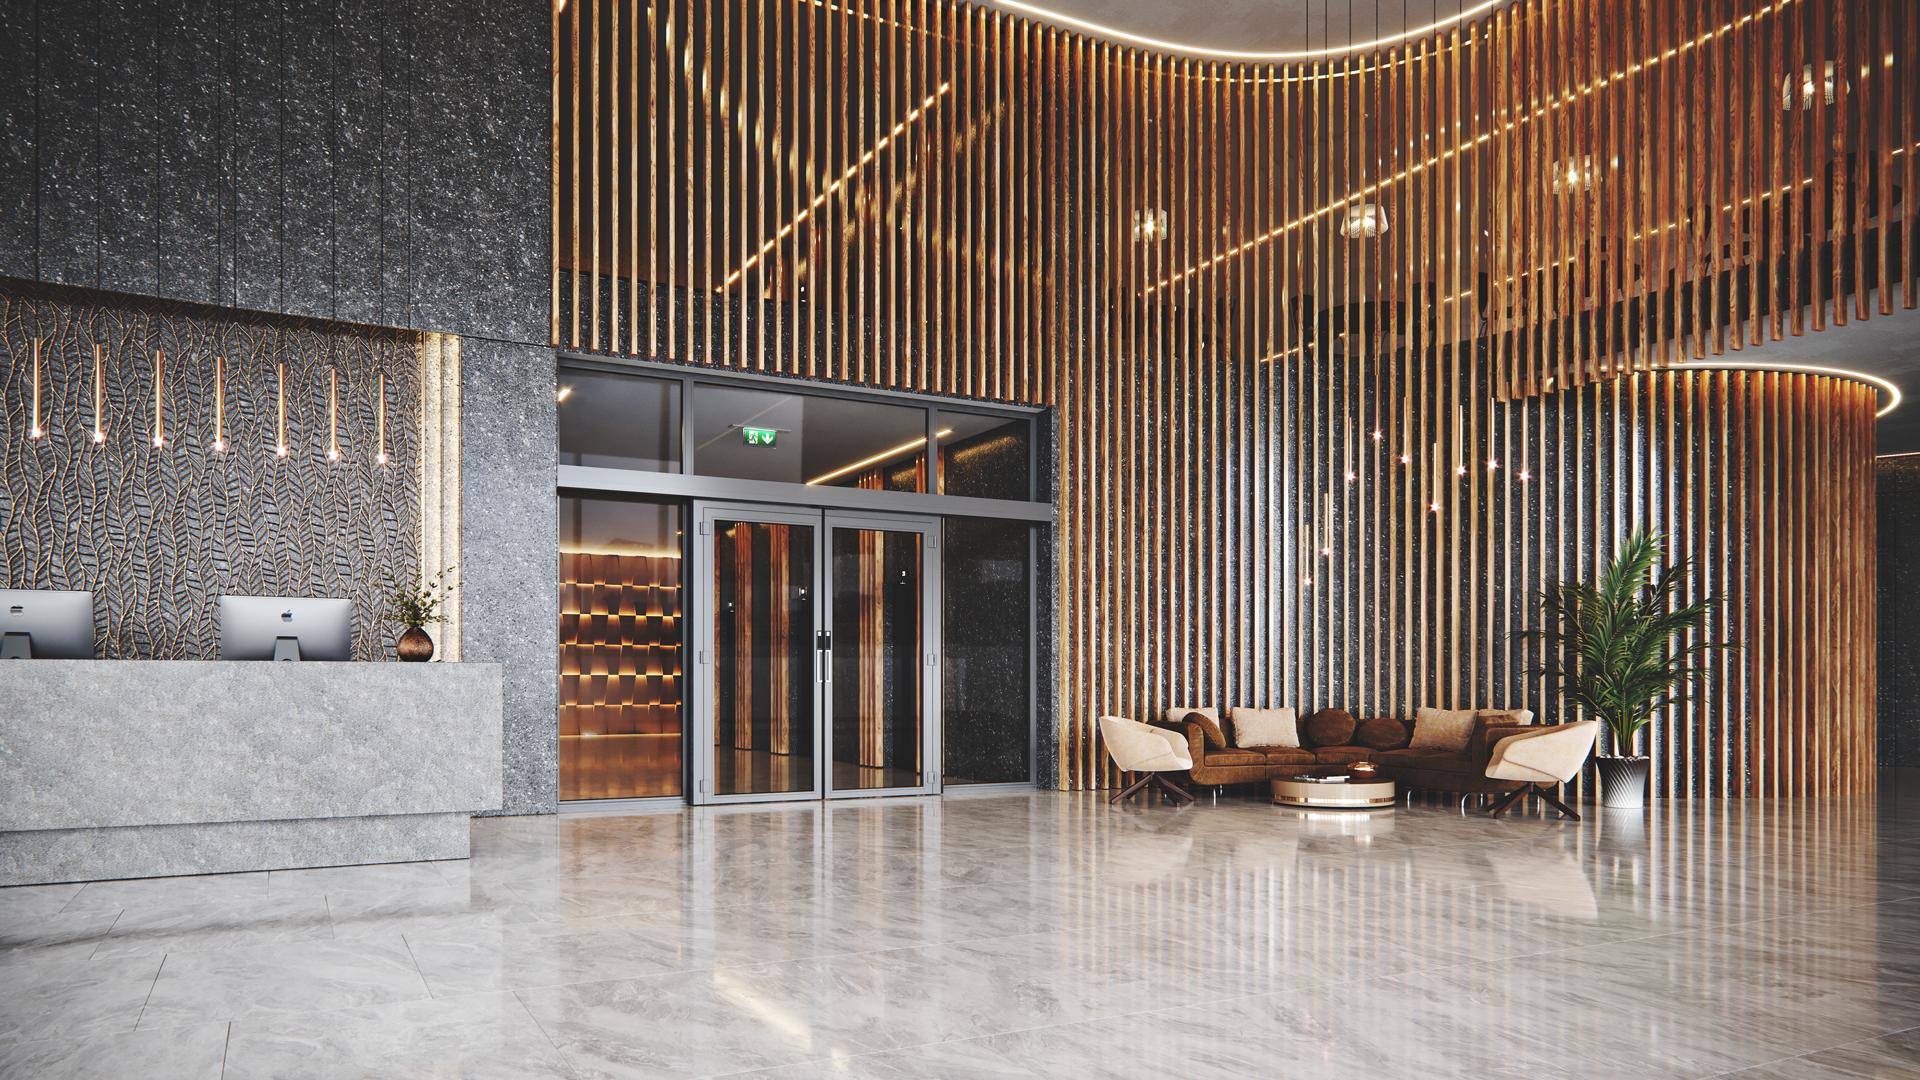 Doorson 500EFS Brandschutzschiebetür mit Fluchweg (ohne Panikbeschlag)- Hotel Lobby